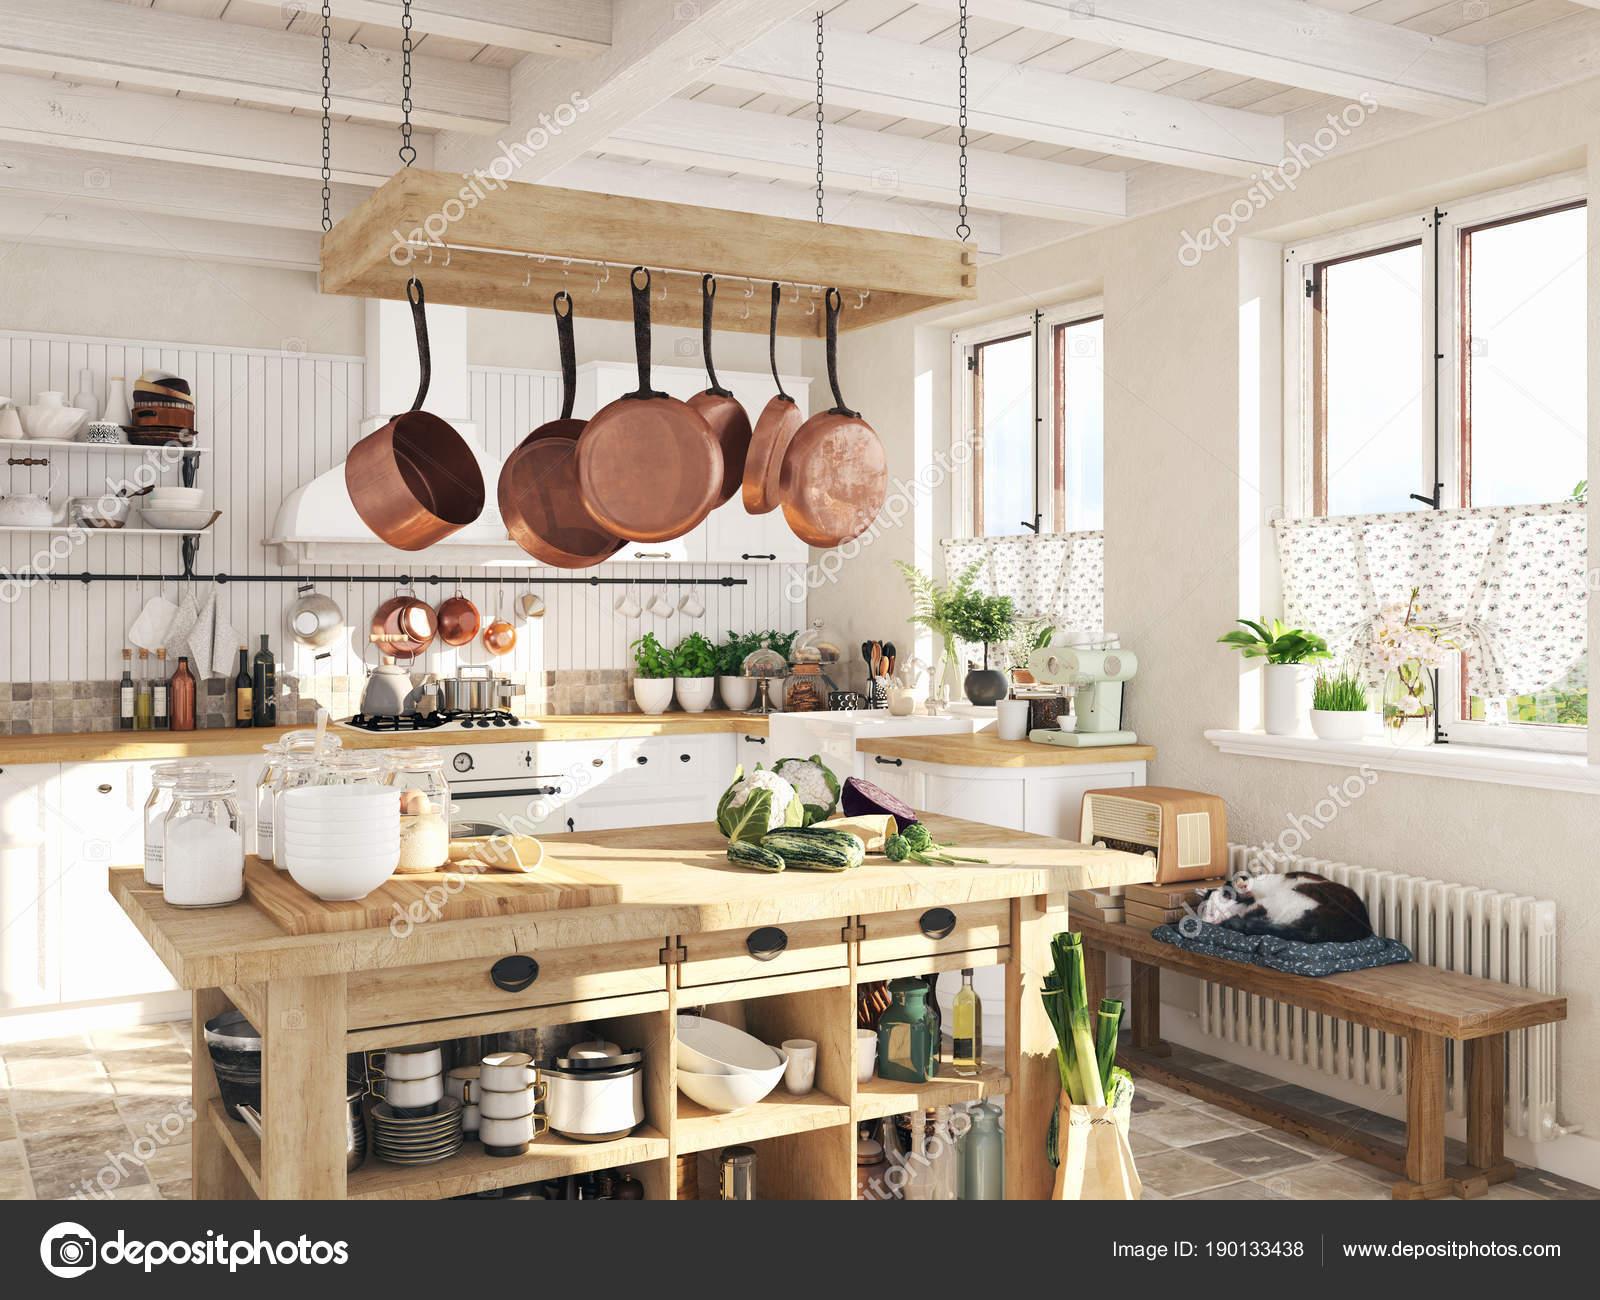 Retro Design Keuken : Retro keuken in een huisje met de slapende kat d rendering